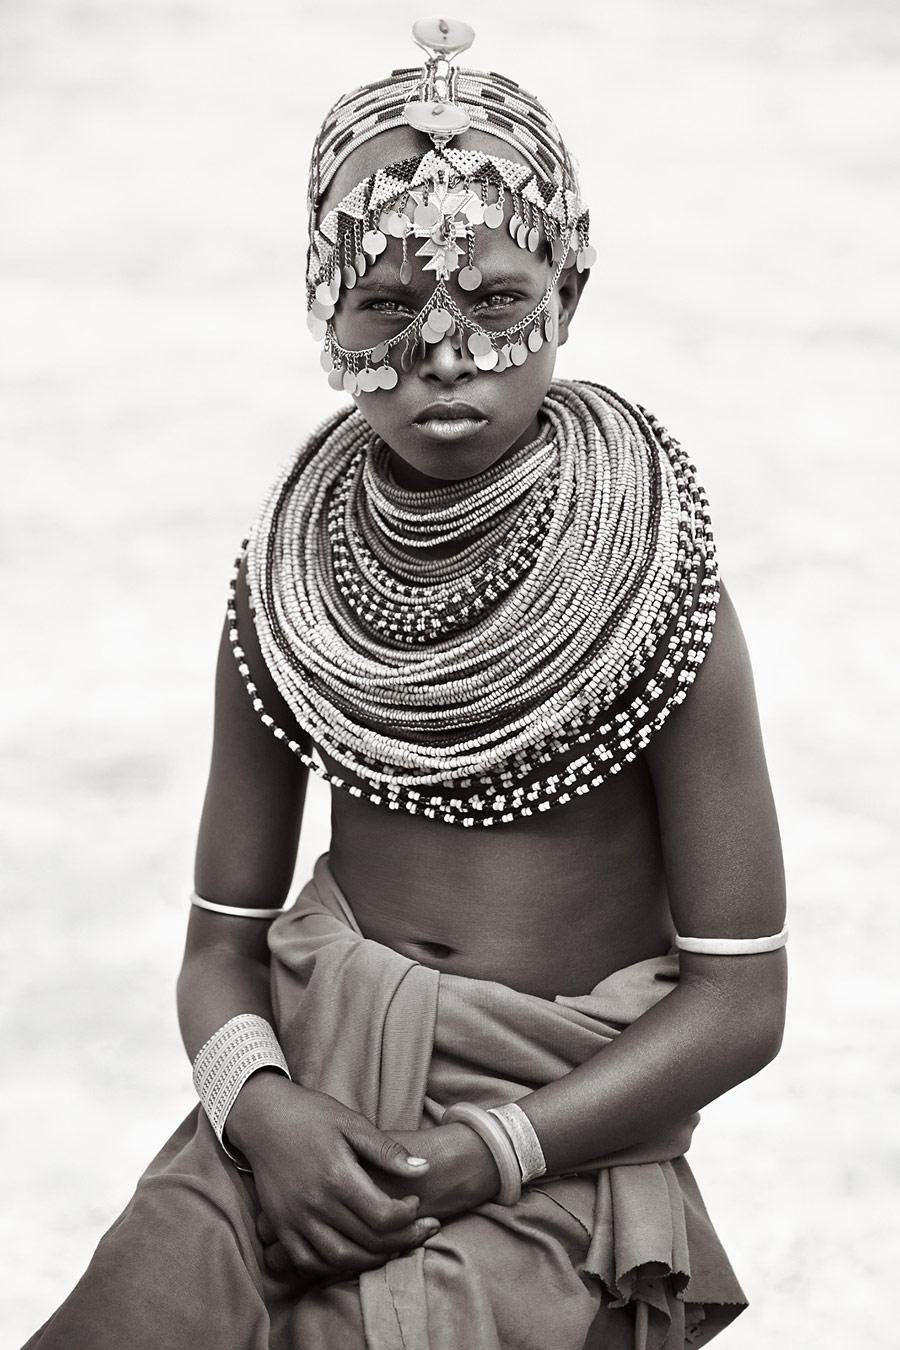 Молодая богиня, Миндисайо, © Дрю Доггетт, Маунт-Плезант, США, Финалист категории «Портреты в путешествии», профессионал, Фотоконкурс экстремальных путешествий «Мир в фокусе» — World In Focus